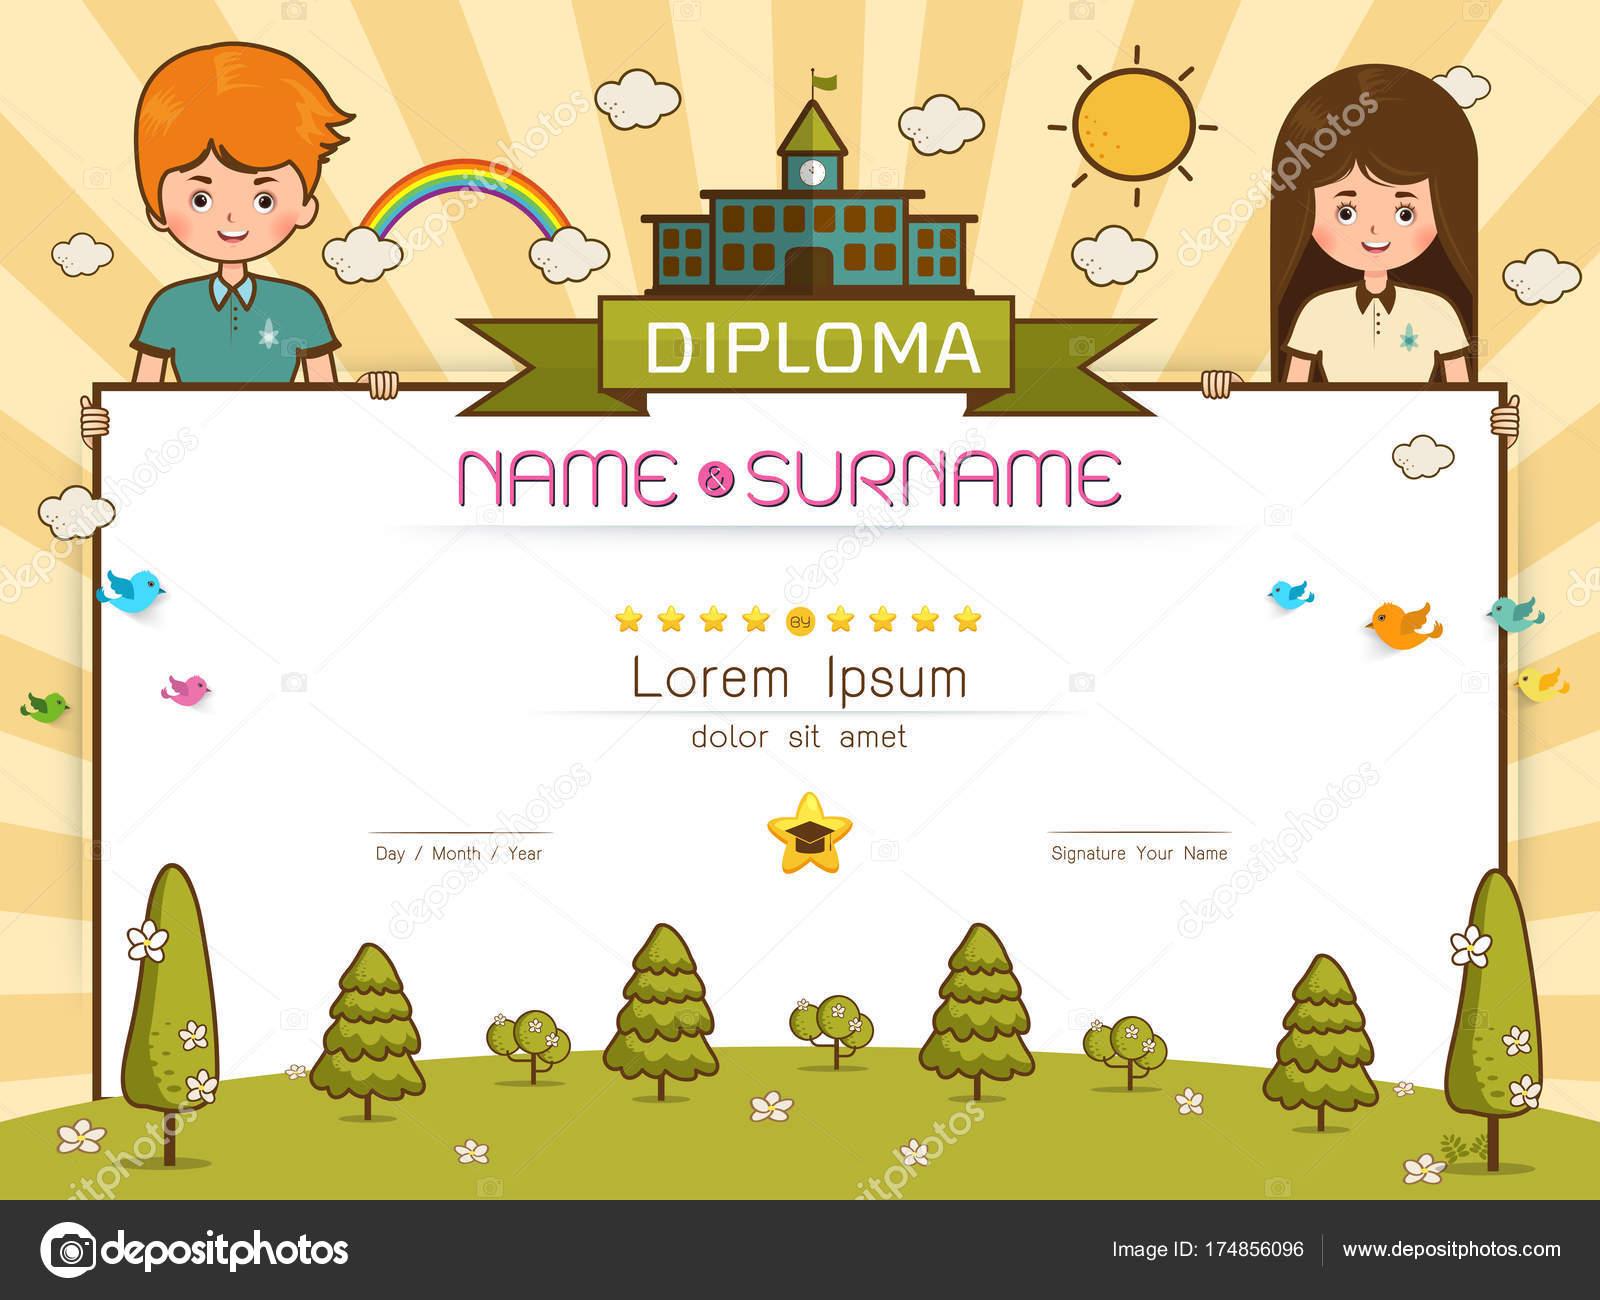 certificate kids diploma stock vector es7sense 174856096